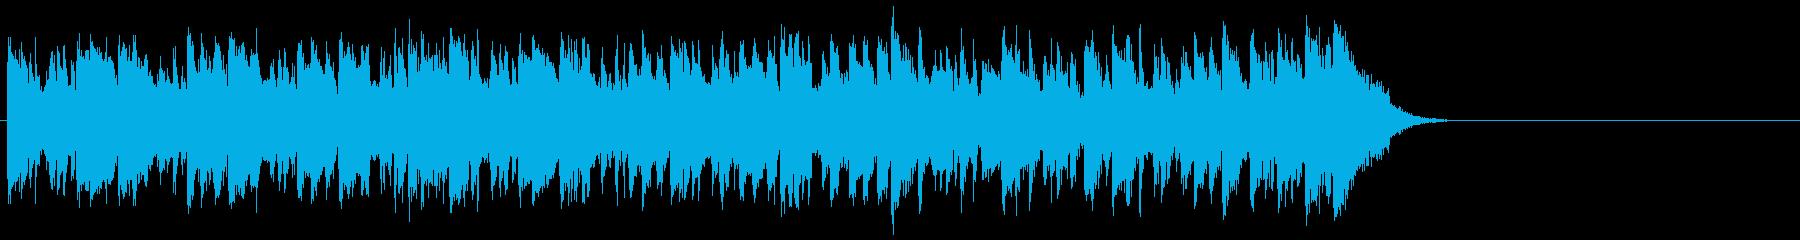 リゾート風なフュージョン(サビ~エンド)の再生済みの波形